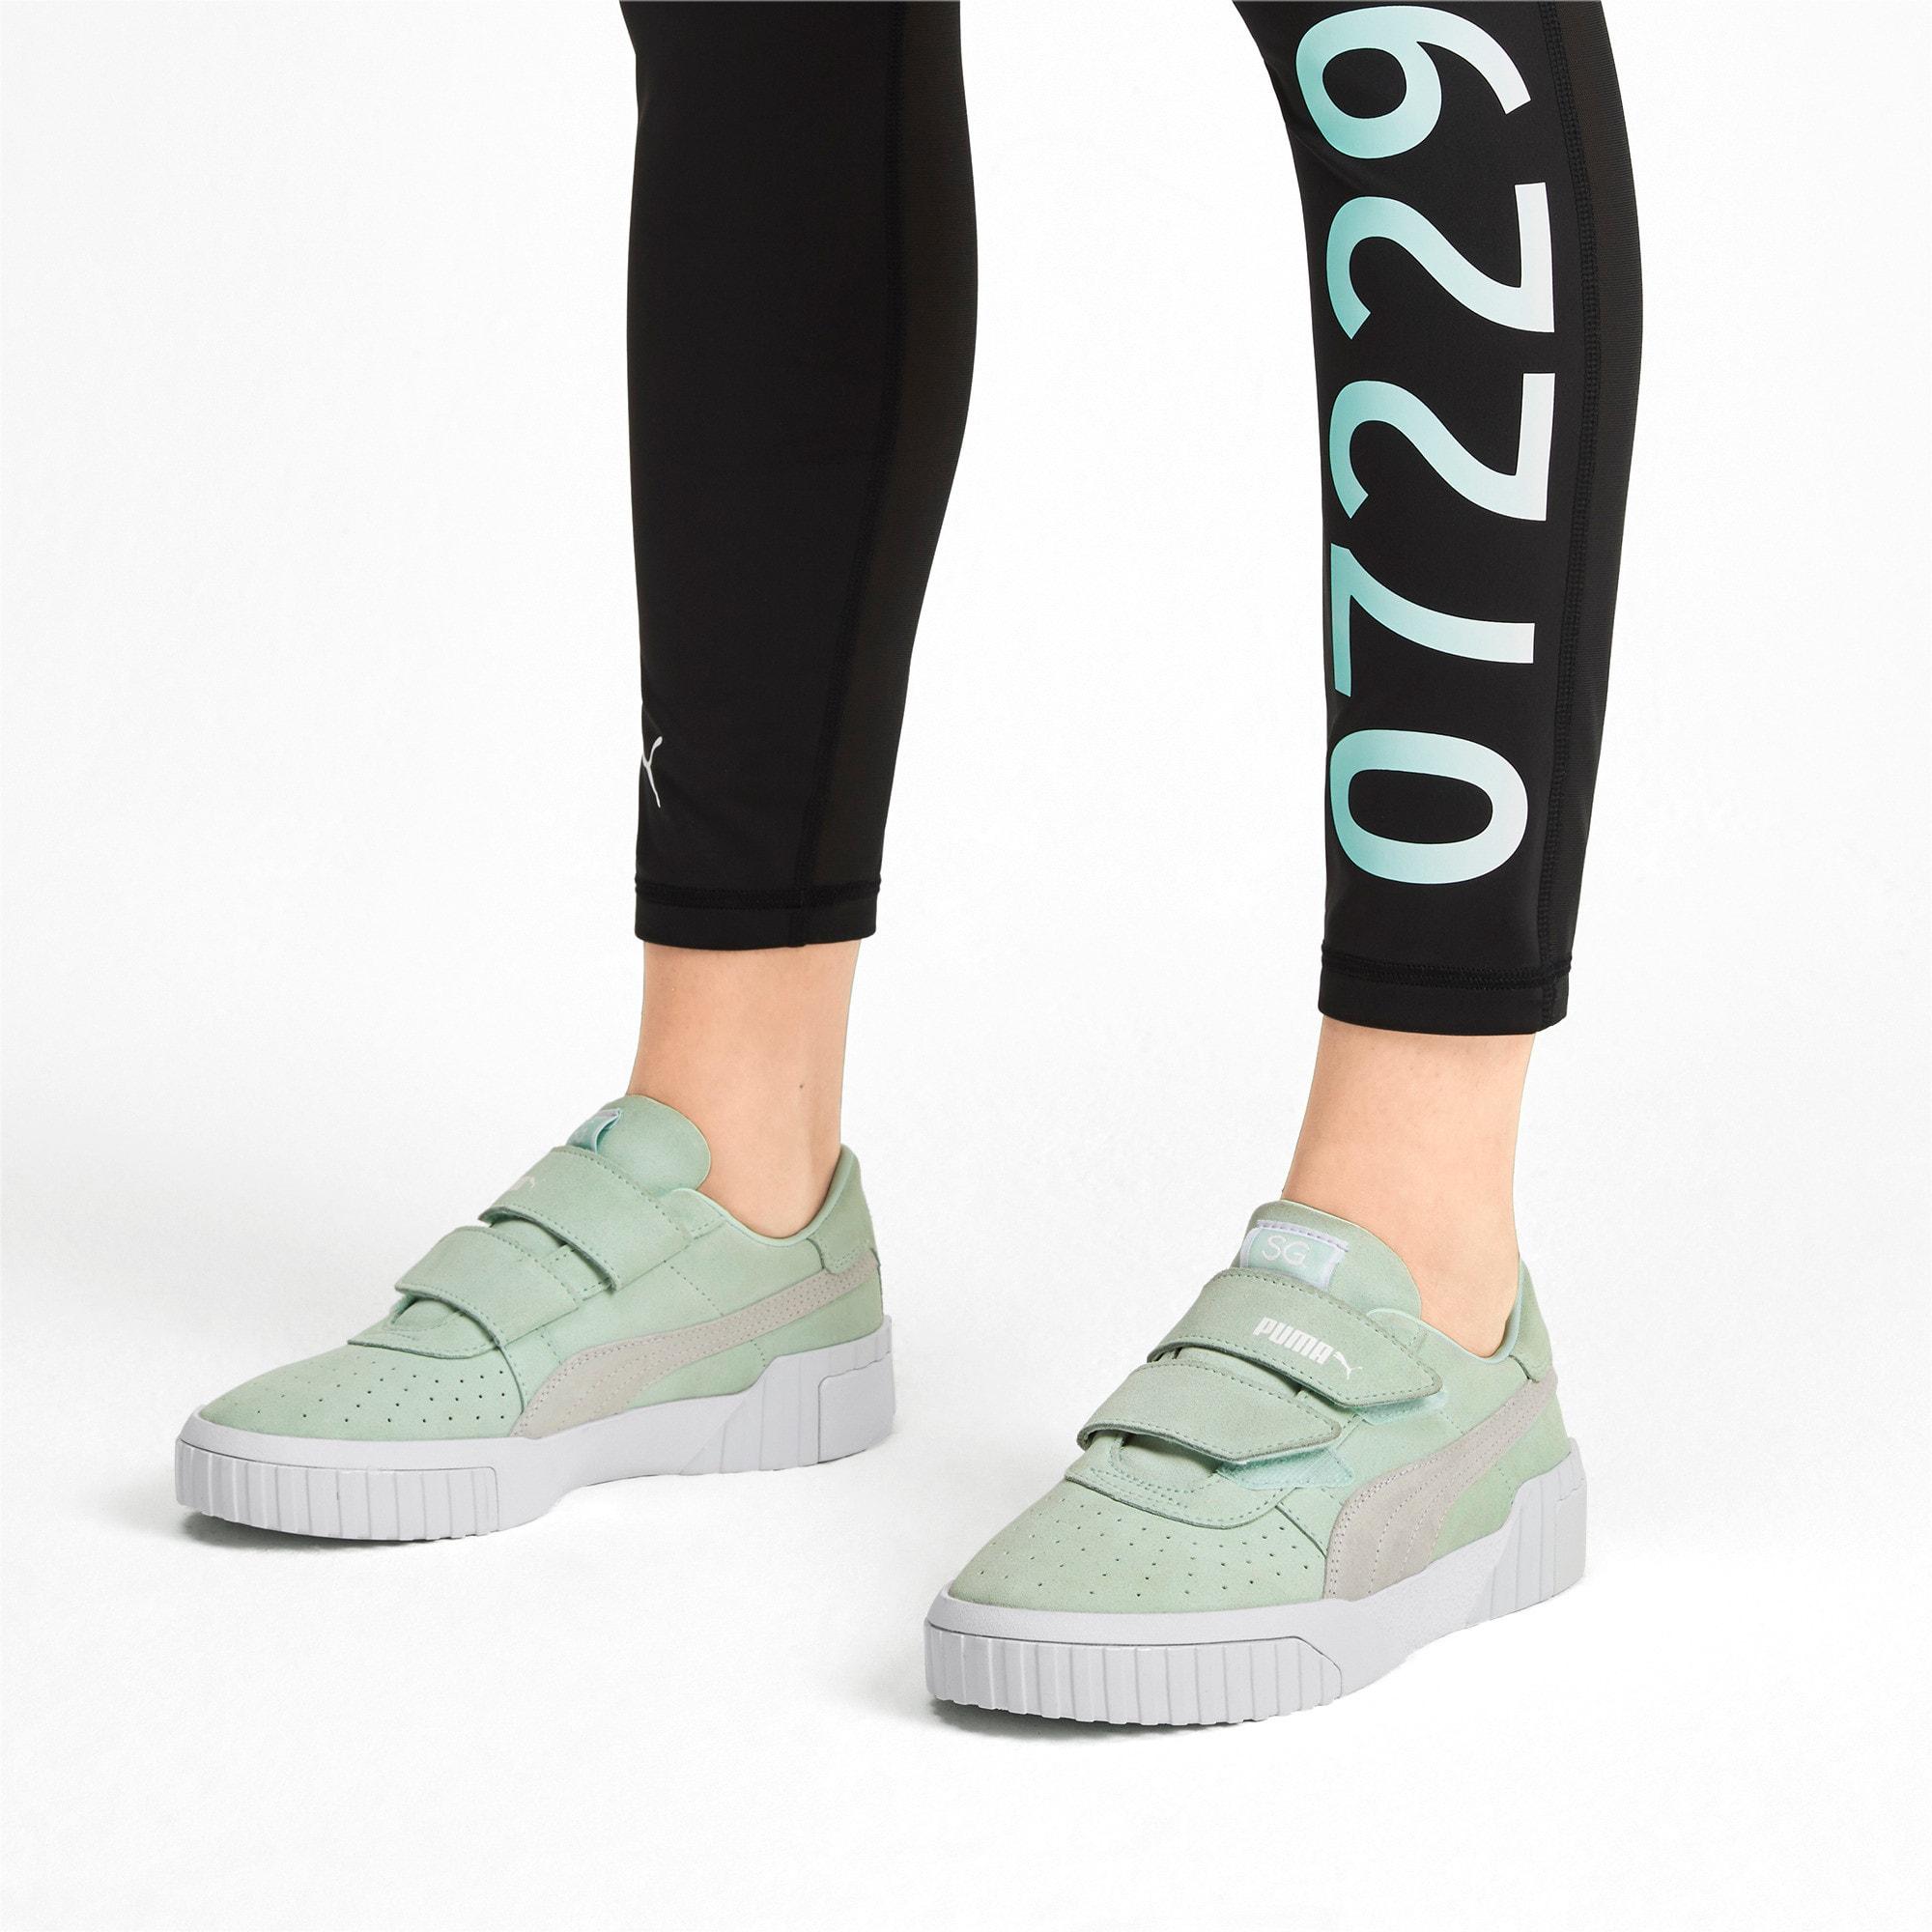 Thumbnail 2 of SG x Cali Suede Women's Sneakers, Fair Aqua-Puma White, medium